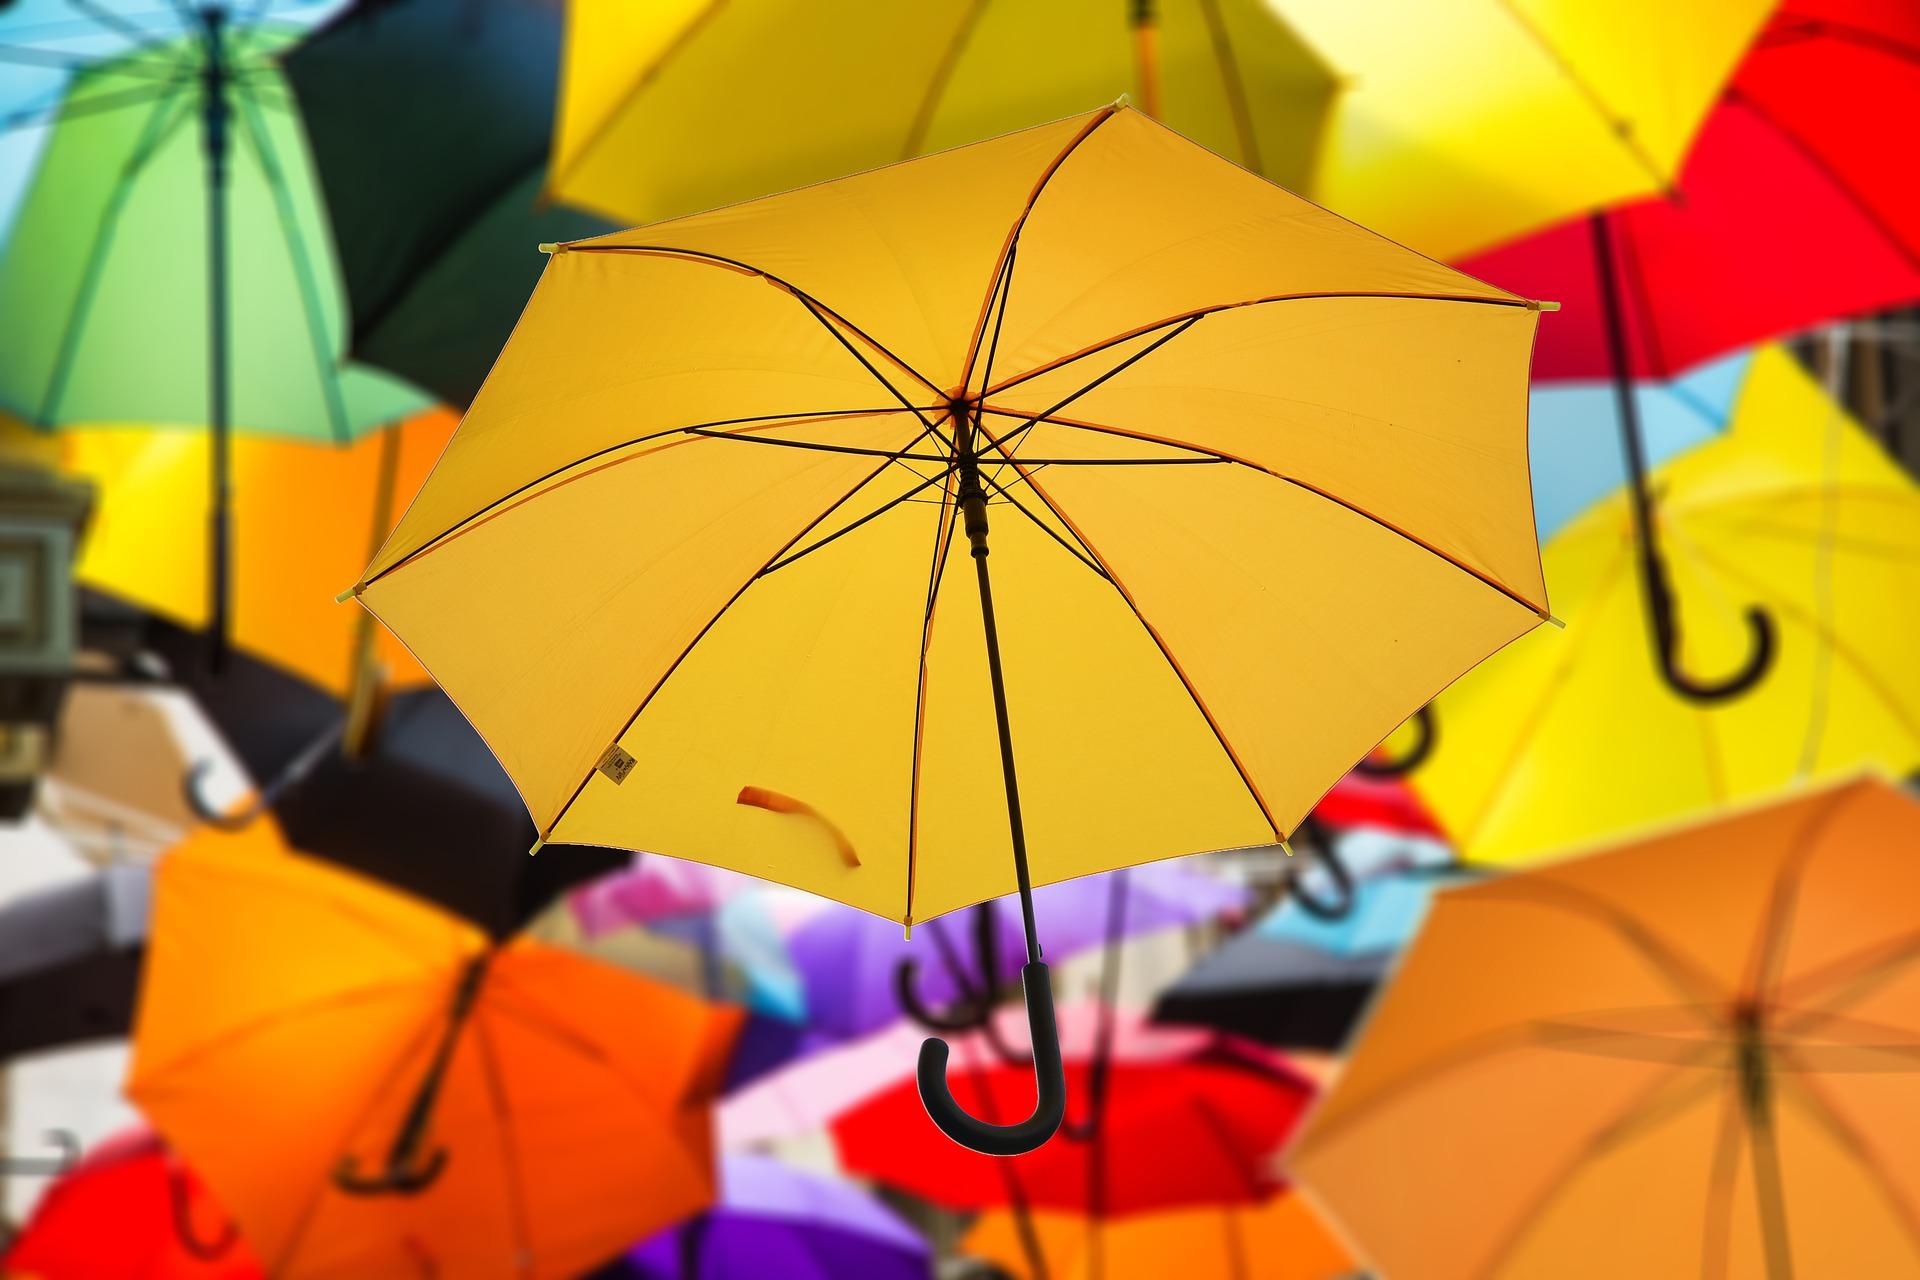 Viele bunte Regenschirme hängen übereinander.